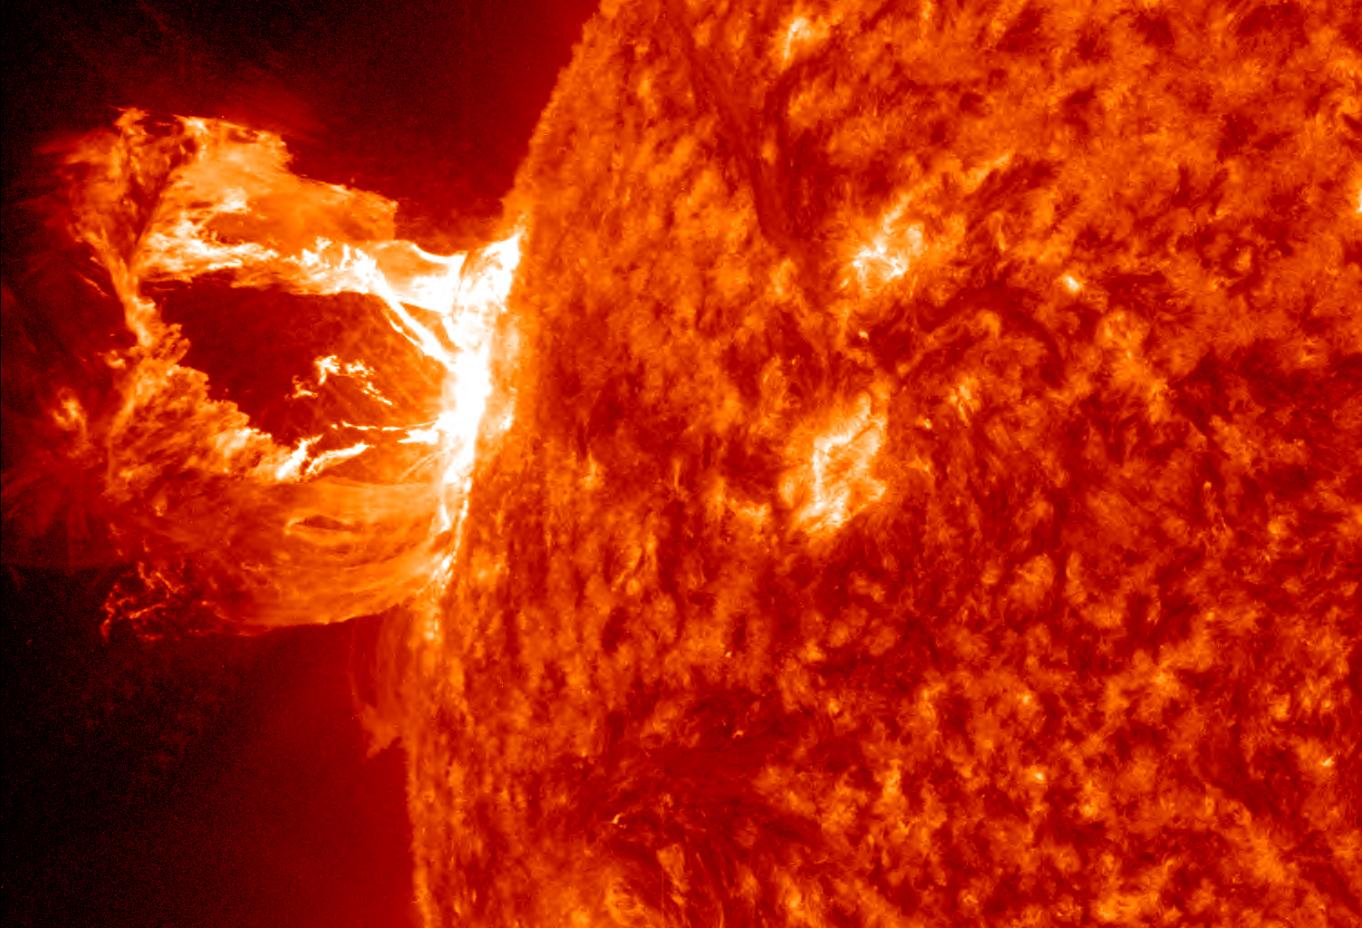 Κοιμηθείτε ήσυχοι για τα επόμενα 11 χρόνια – Ο Ήλιος θα είναι ήσυχος